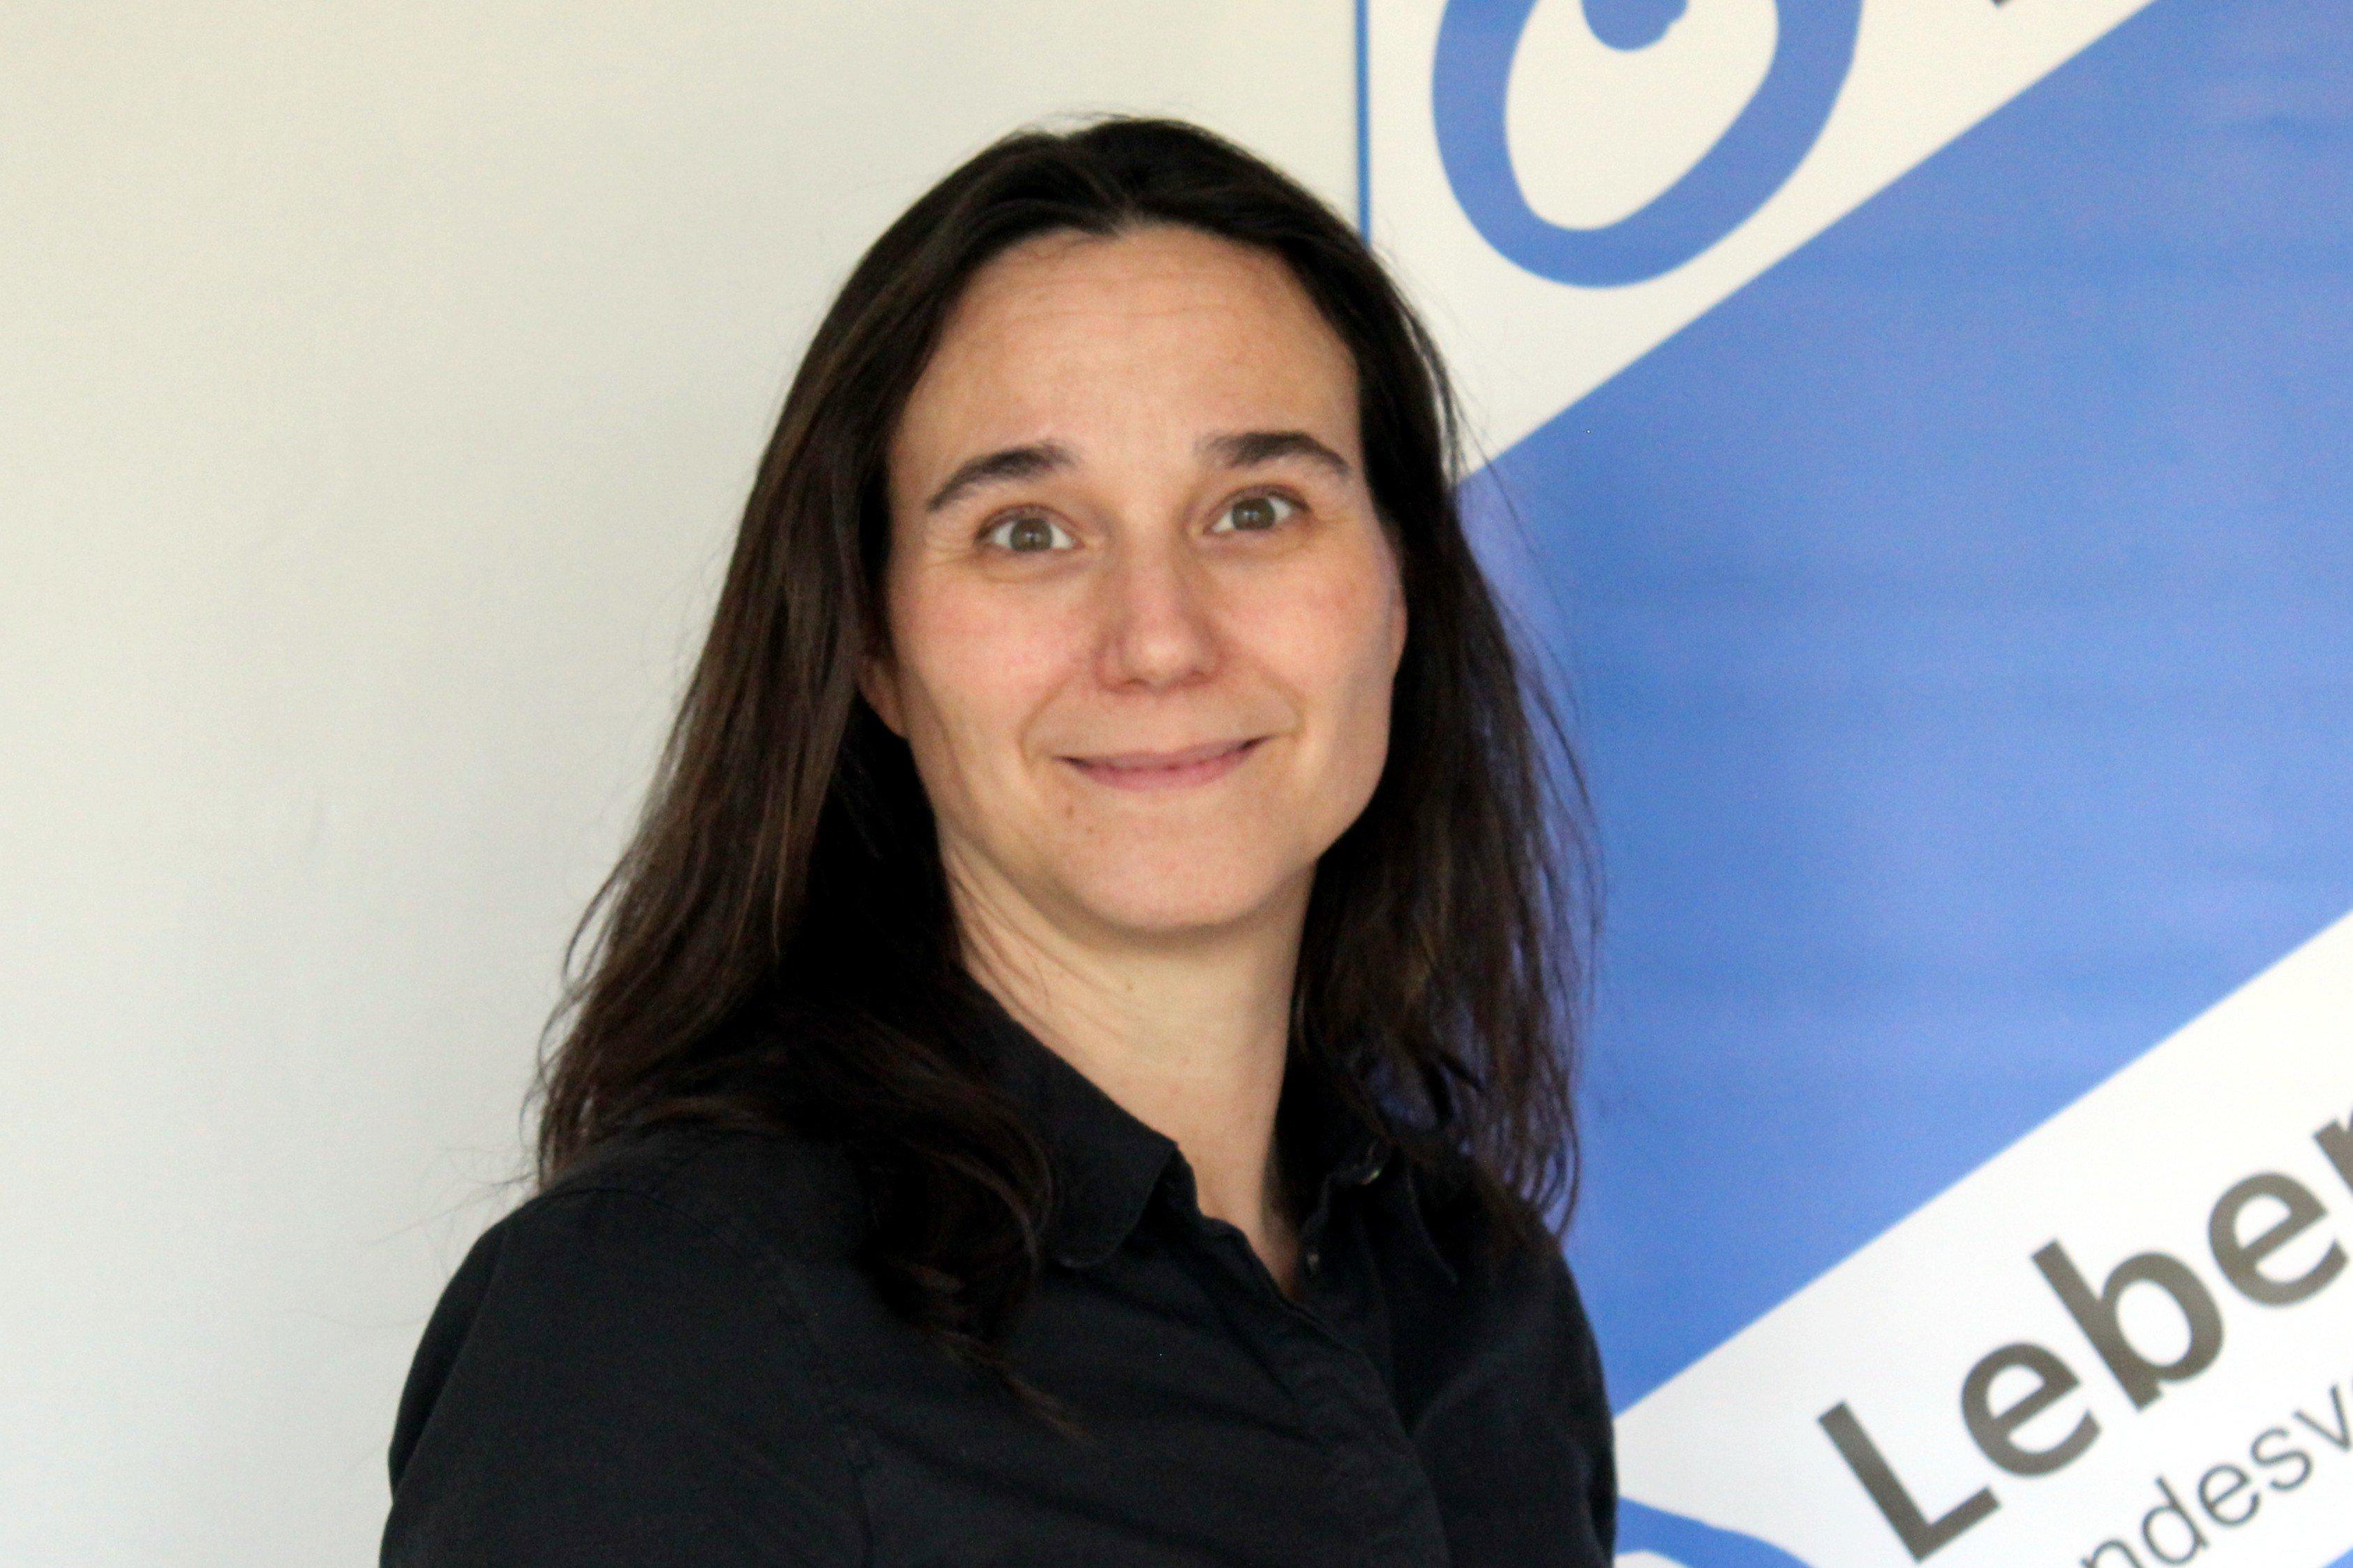 Natascha Dönges